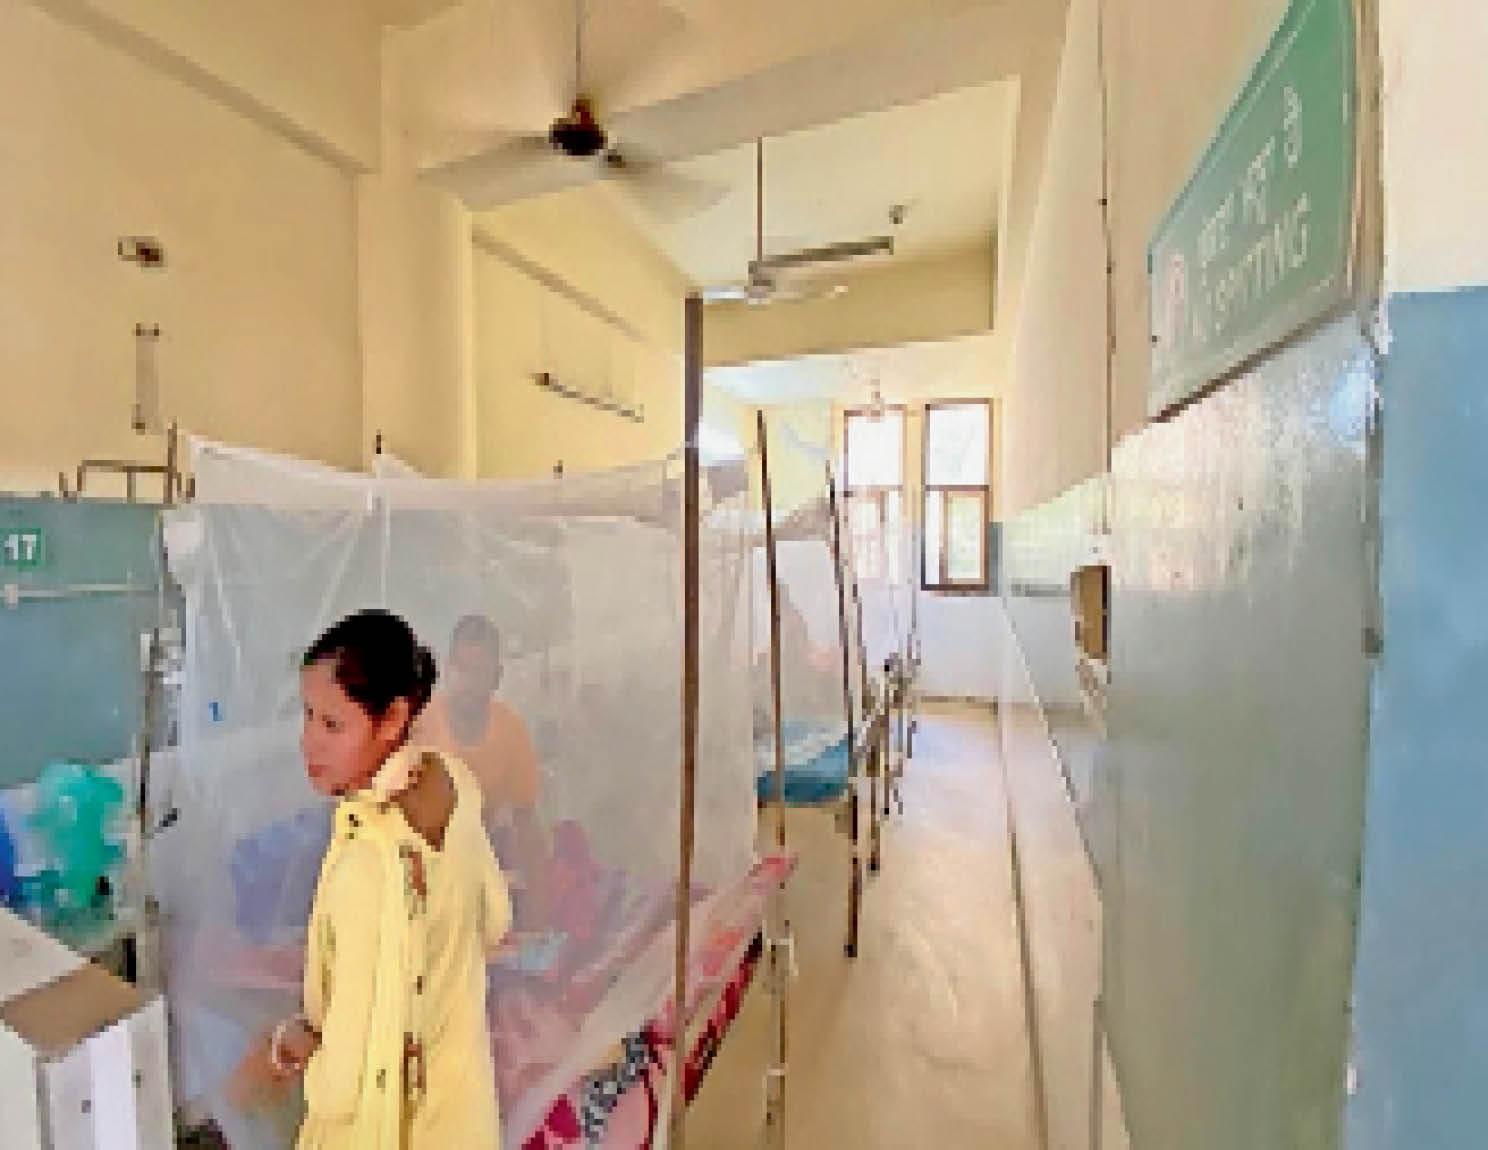 सिविल में 14, प्राइवेट अस्पतालों में 75 मरीज नवंबर के शुरुआती दिनों में ही मिलेगी राहत जालंधर,Jalandhar - Dainik Bhaskar